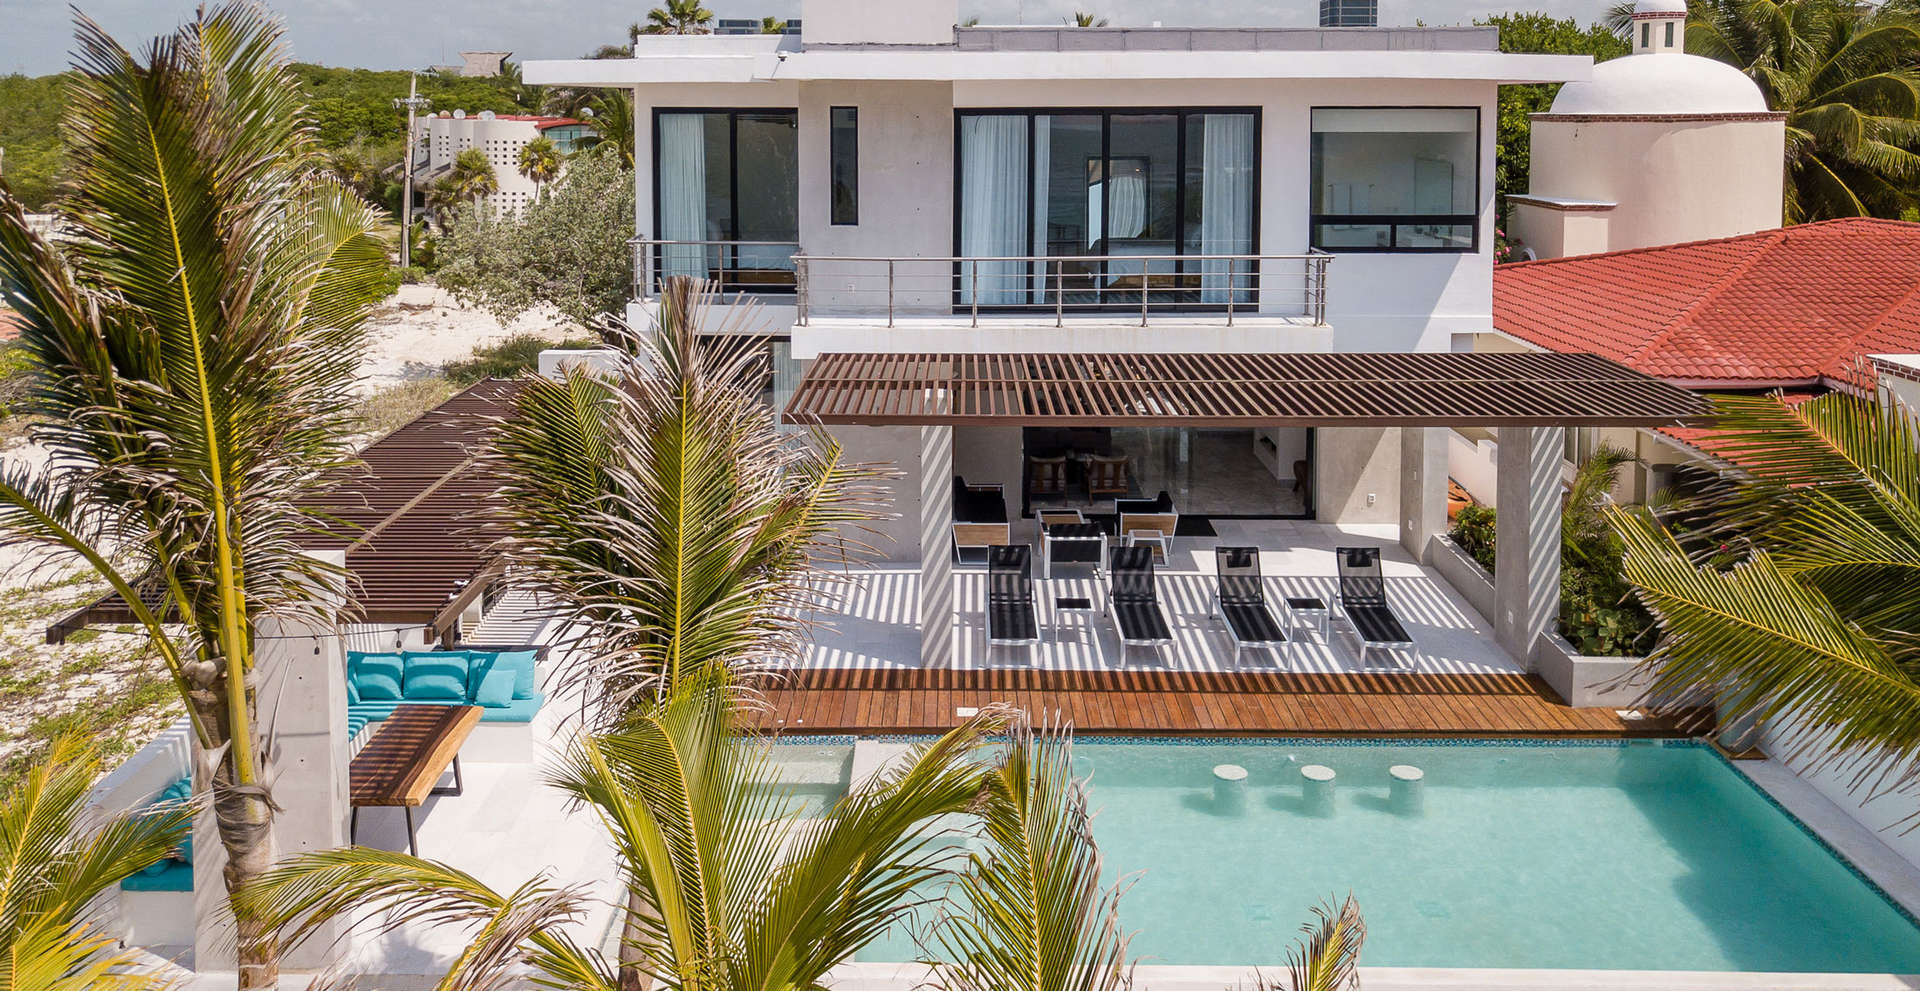 Luxury vacation rentals mexico - Riviera maya - Playa paraiso - No location 4 - Villa Carrera - Image 1/39